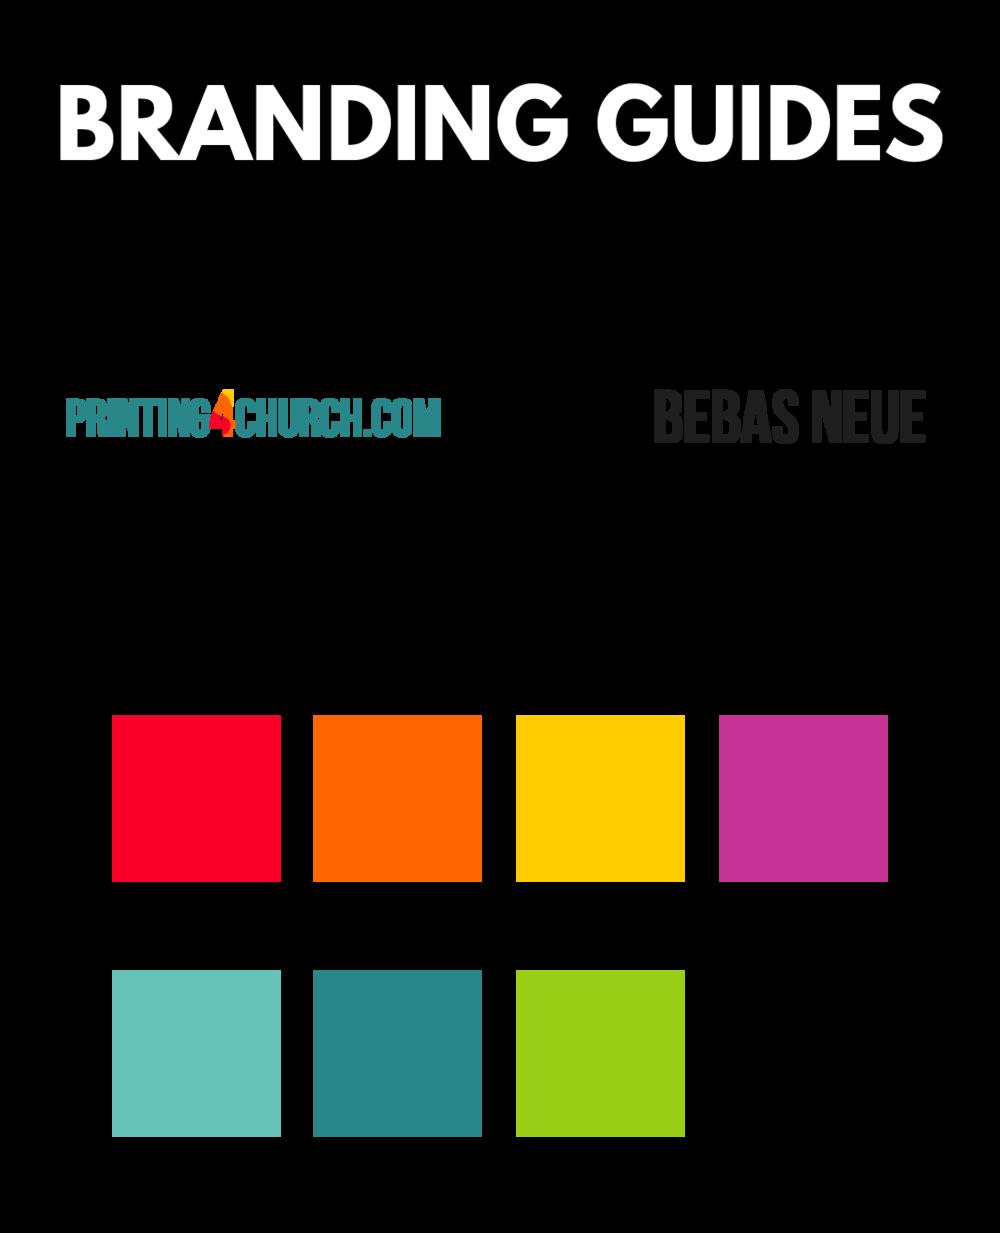 310876_Faithson Printing 4 Chruch Logo_Branding Guide_102618.png